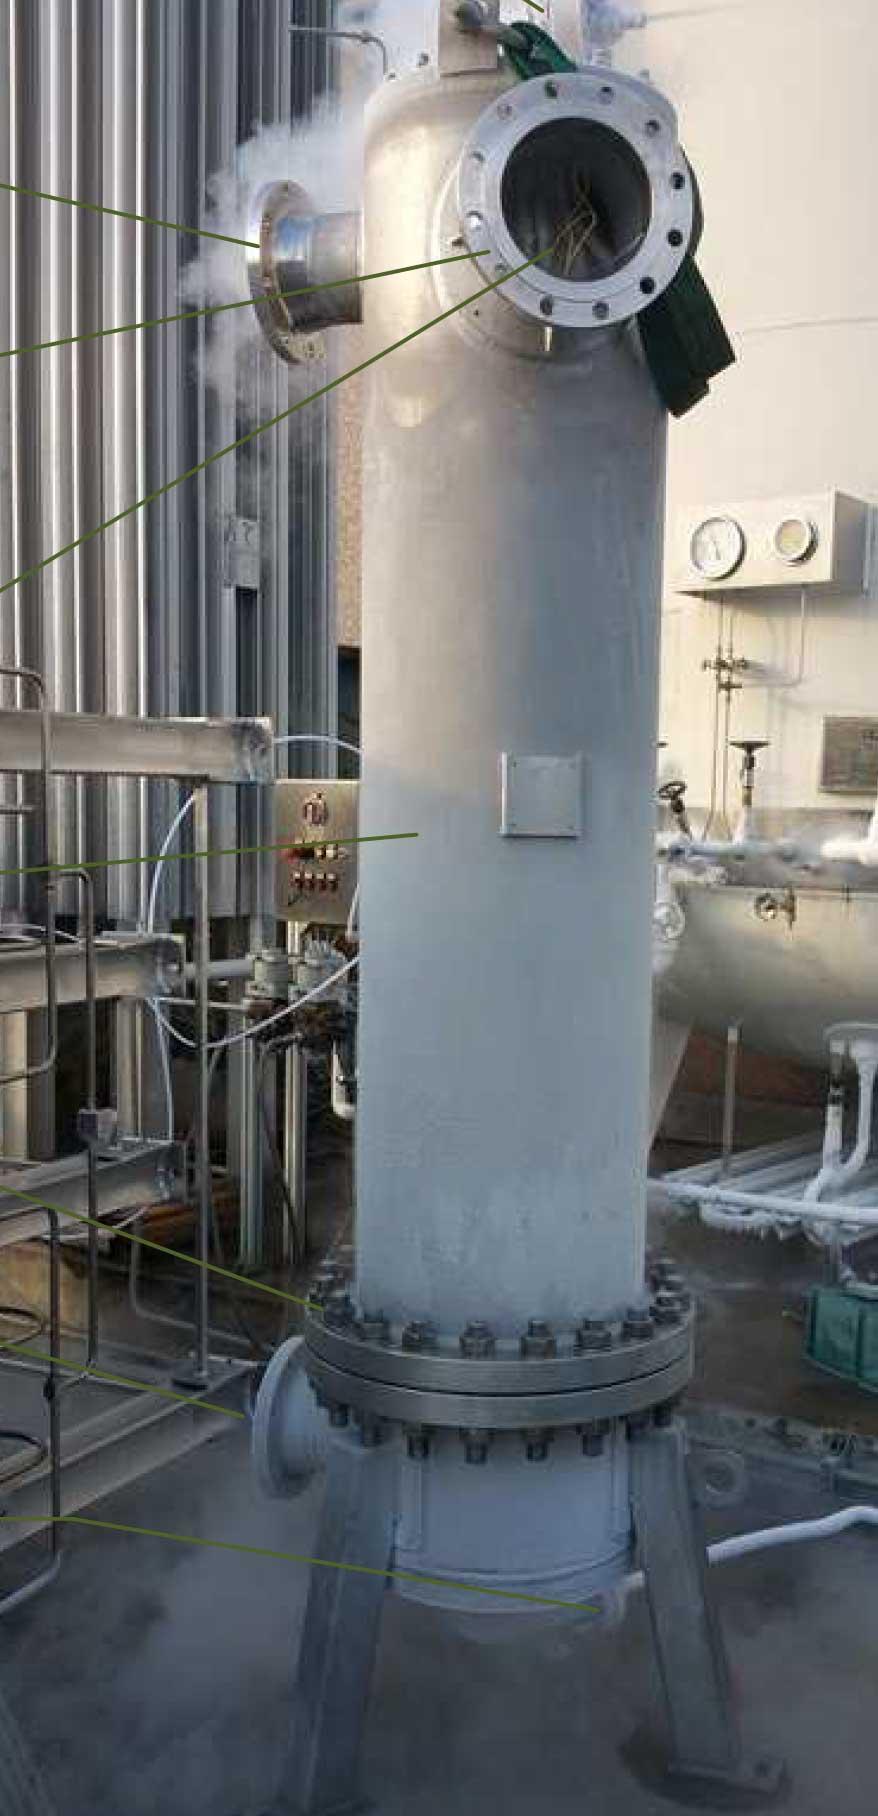 Scambiatore criogenico per metano ad alta pressione | Carpenteria Locatelli Bergamo